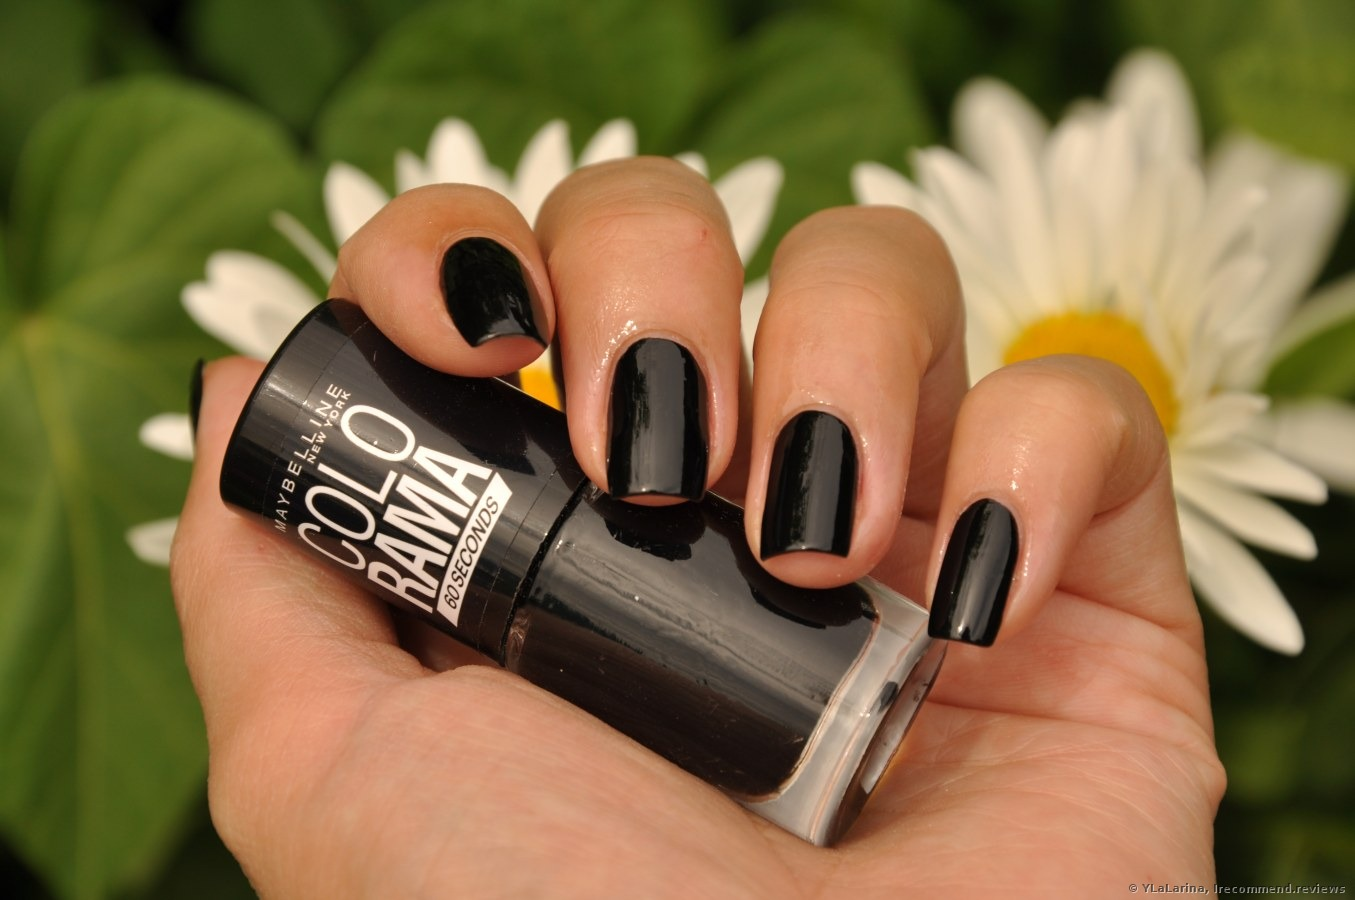 Фото ногтей с лаком мейбелин